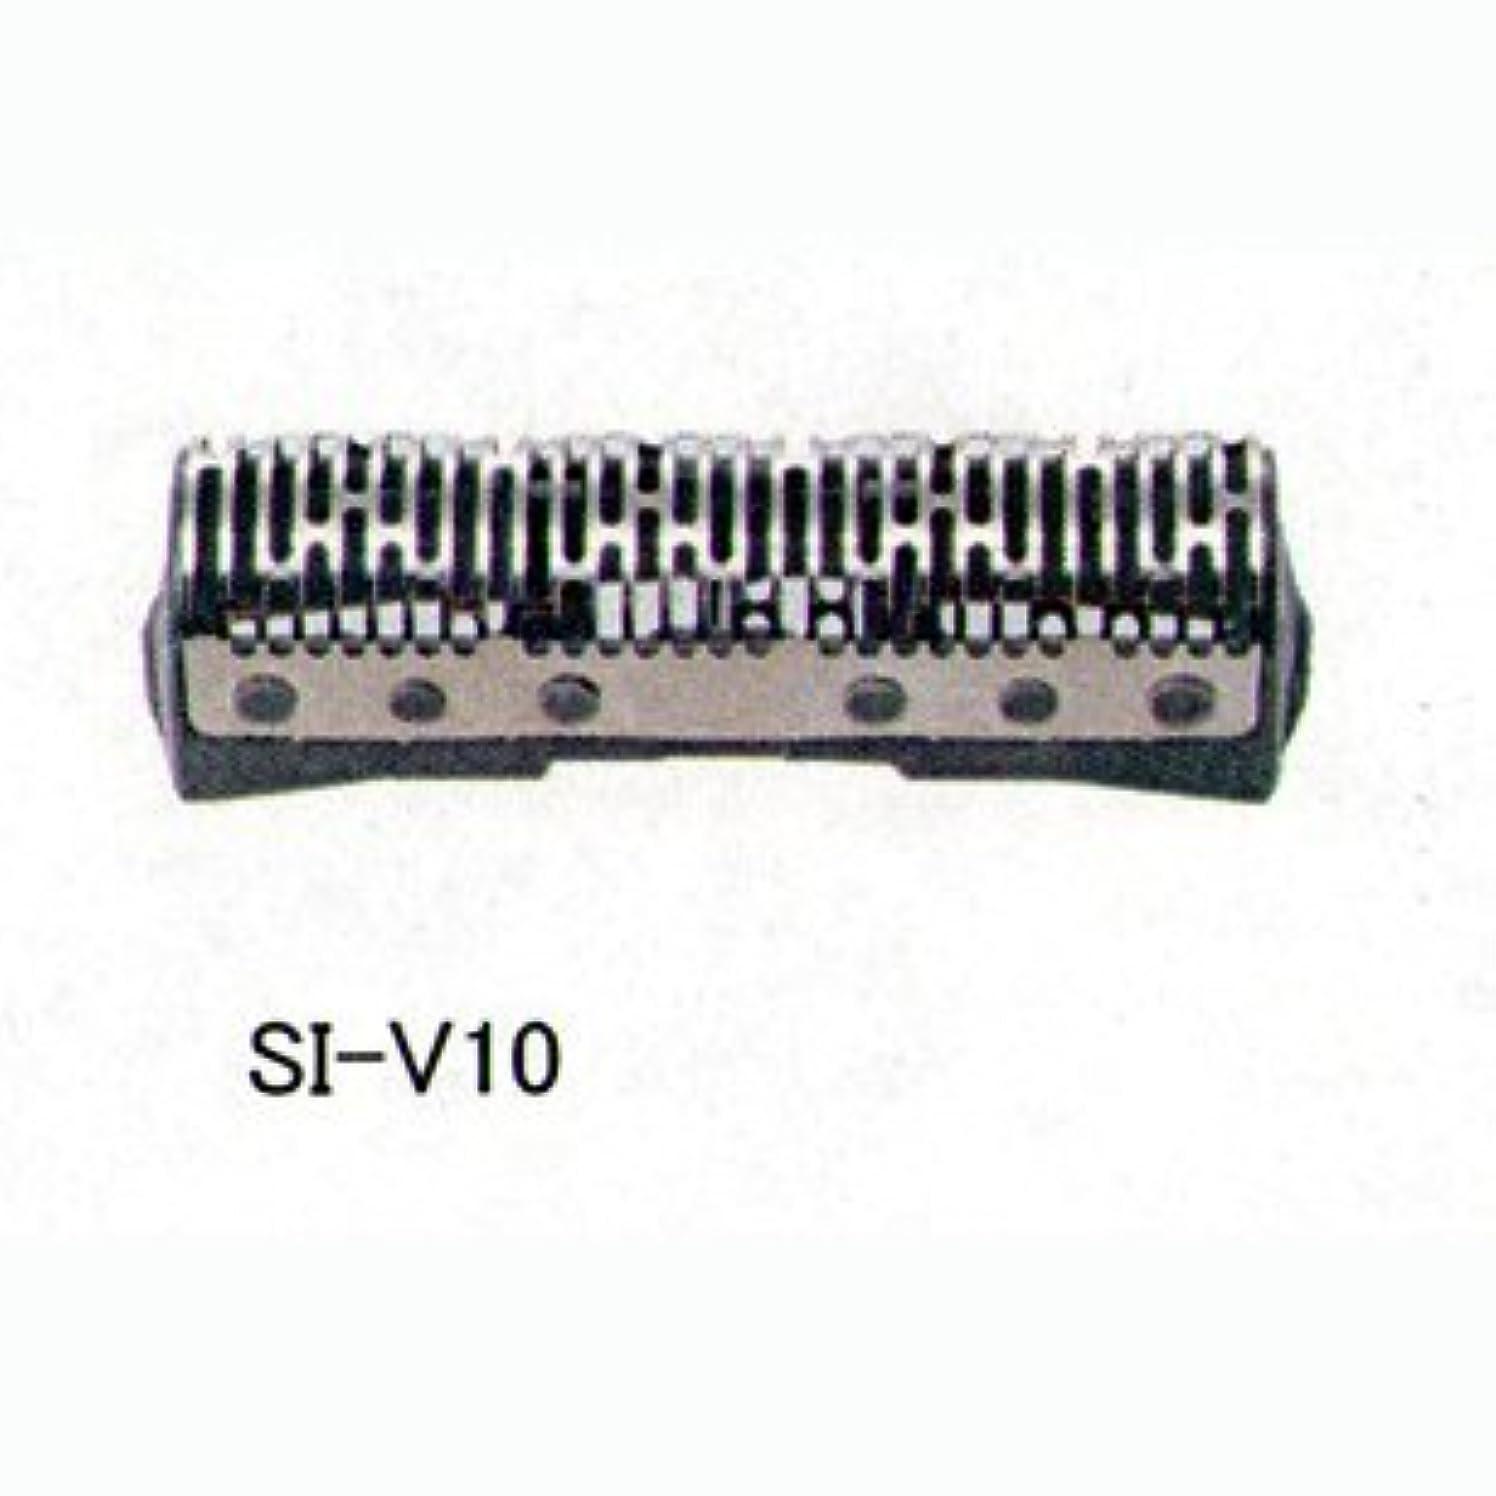 シャンパンの前で繰り返すIZUMI シェーバー用替刃(内刃) SI-V10